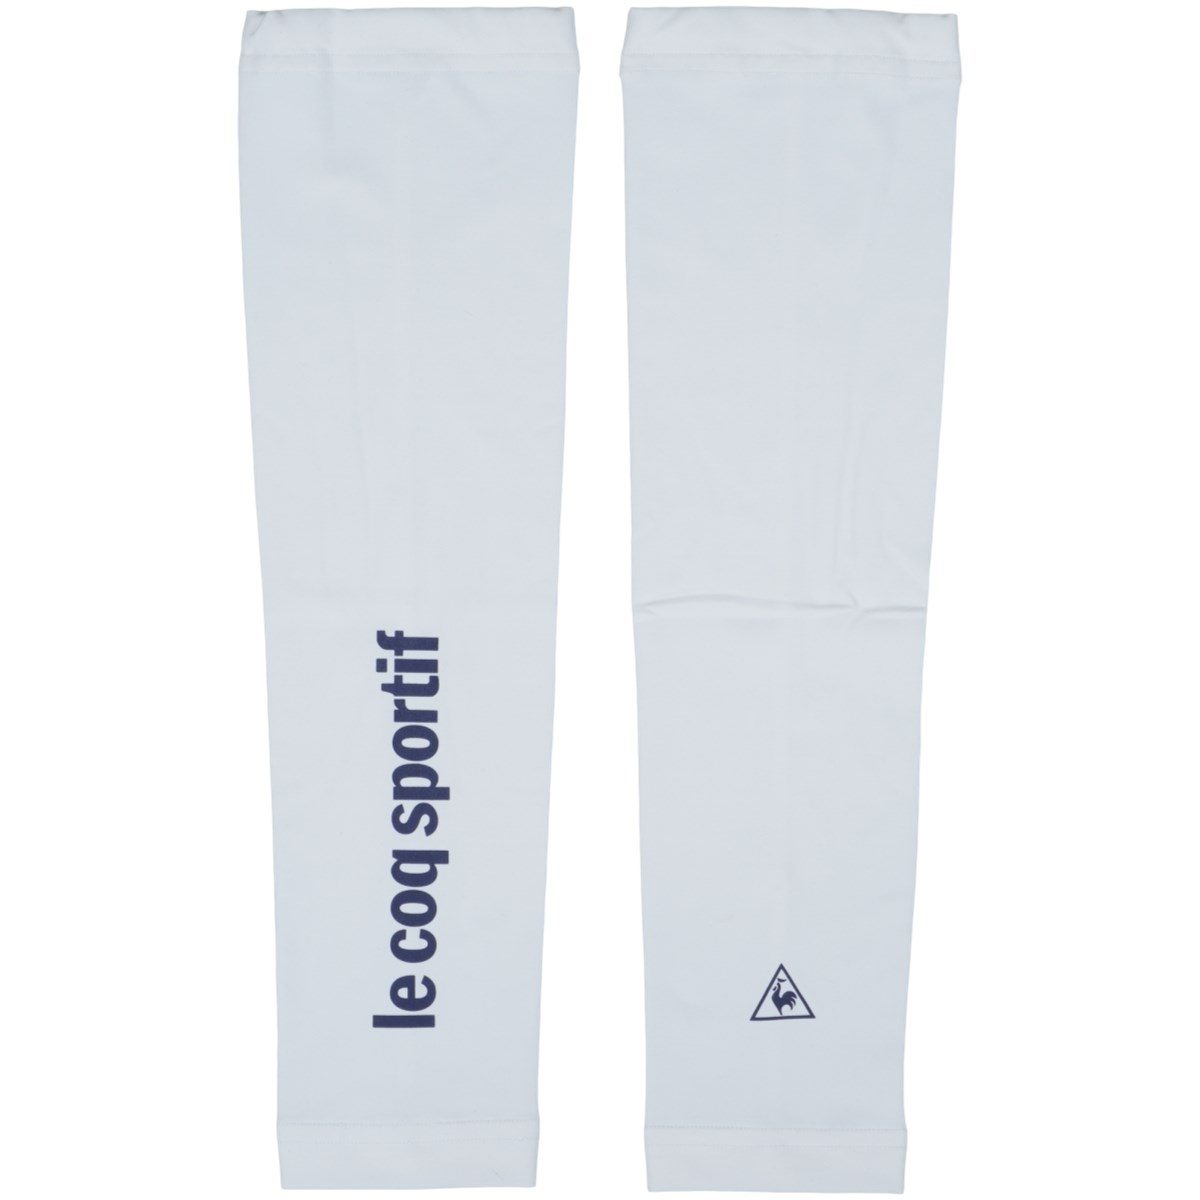 ルコックゴルフ Le coq sportif GOLF UVアームカバー ホワイト 00 フリー